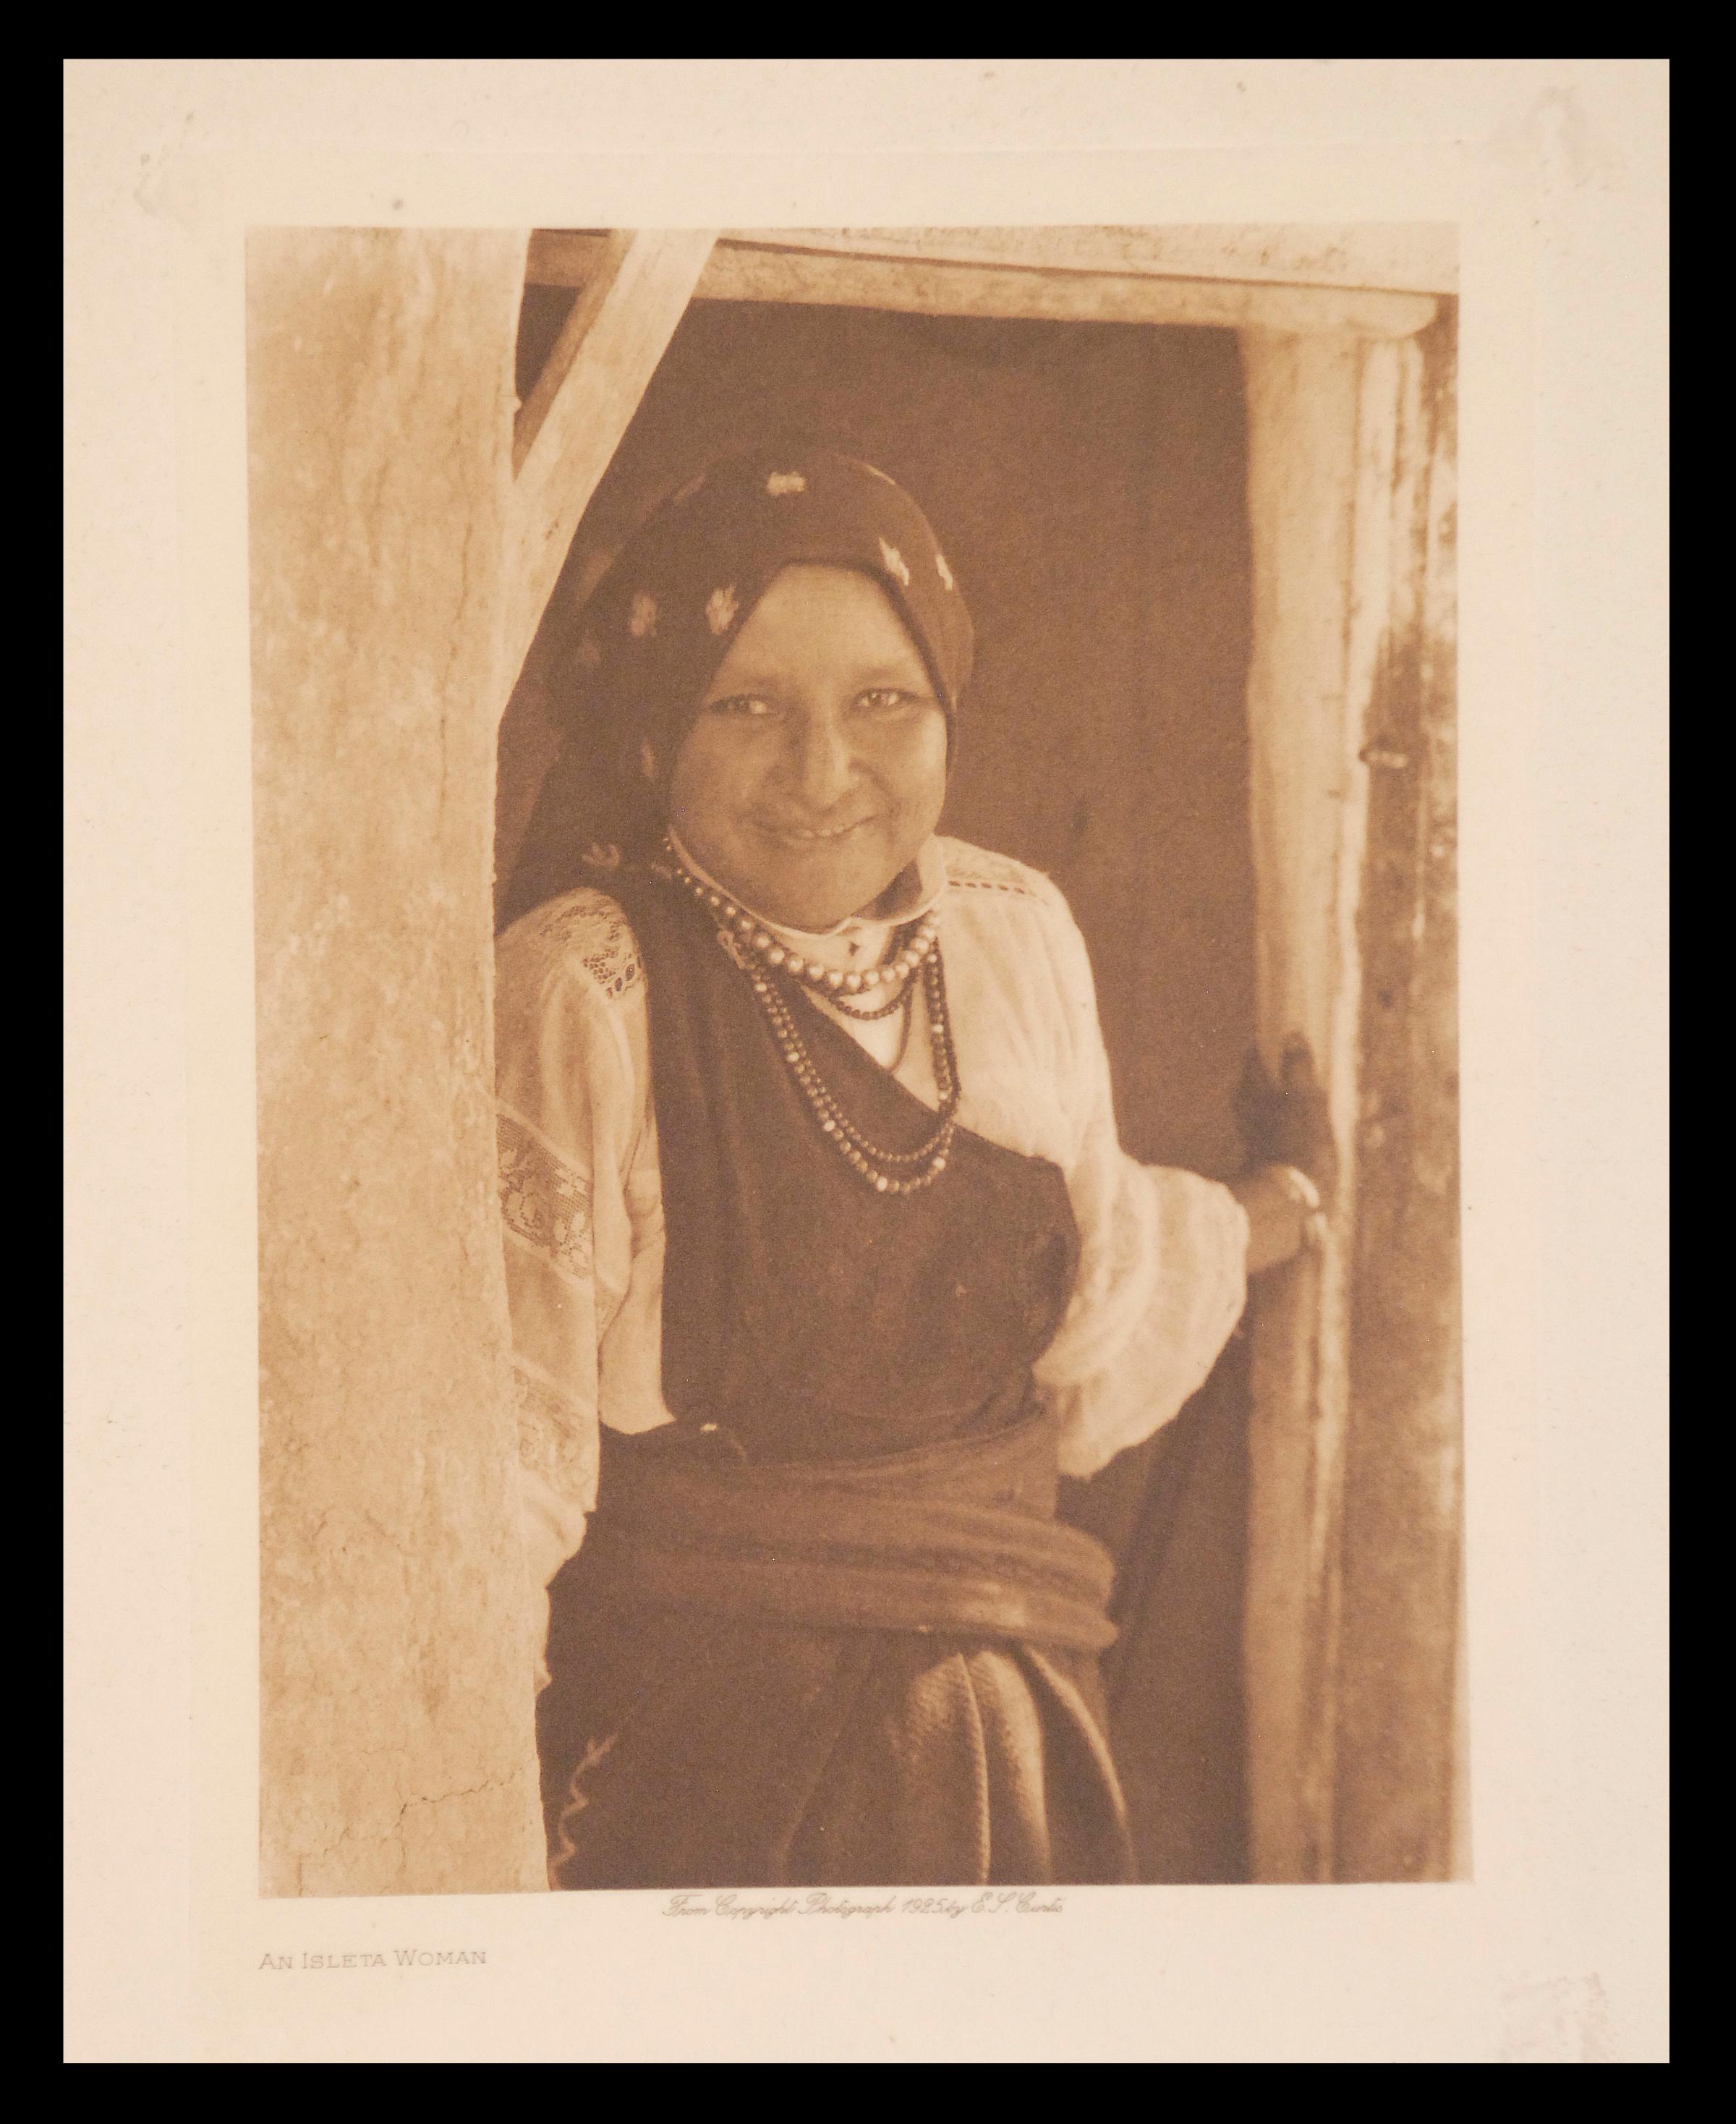 An Isleta Woman 1925 V16 Tissue Final with thin black.jpg